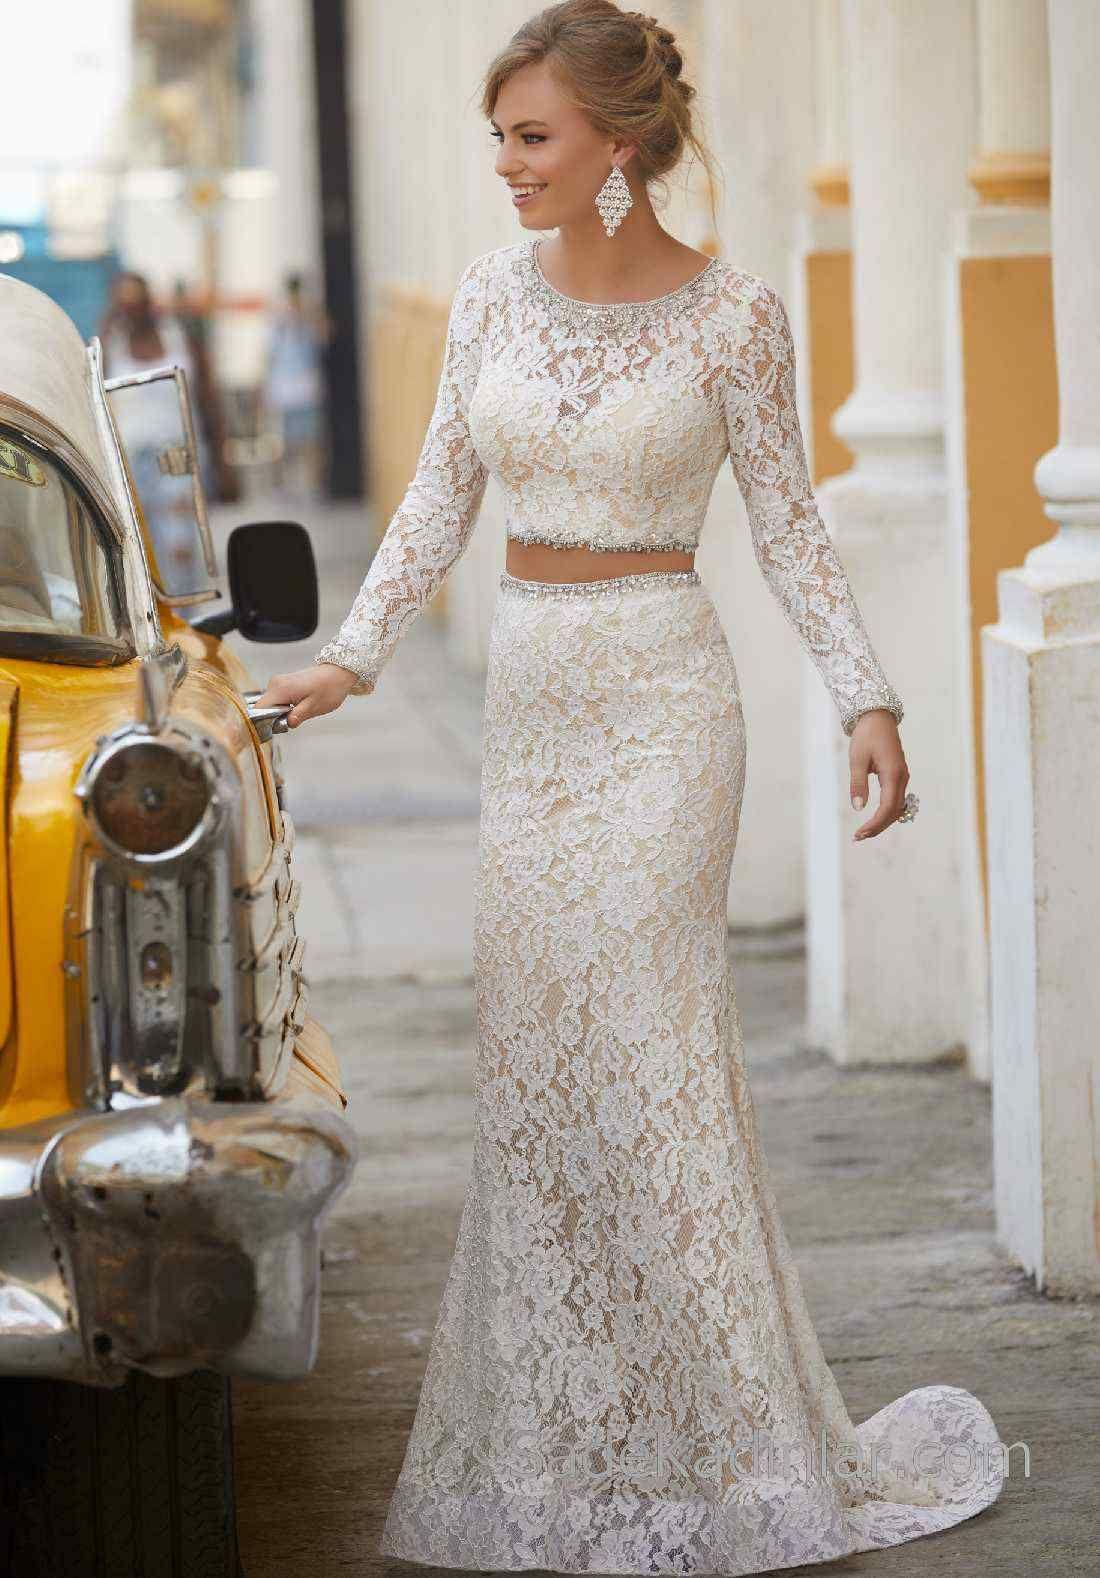 2020 Abiye Ve Gece Elbiseleri Krem Uzun Yuvarlak Yaka Uzun Kollu Dantel Kumas Balo Elbiseleri The Dress Resmi Elbise